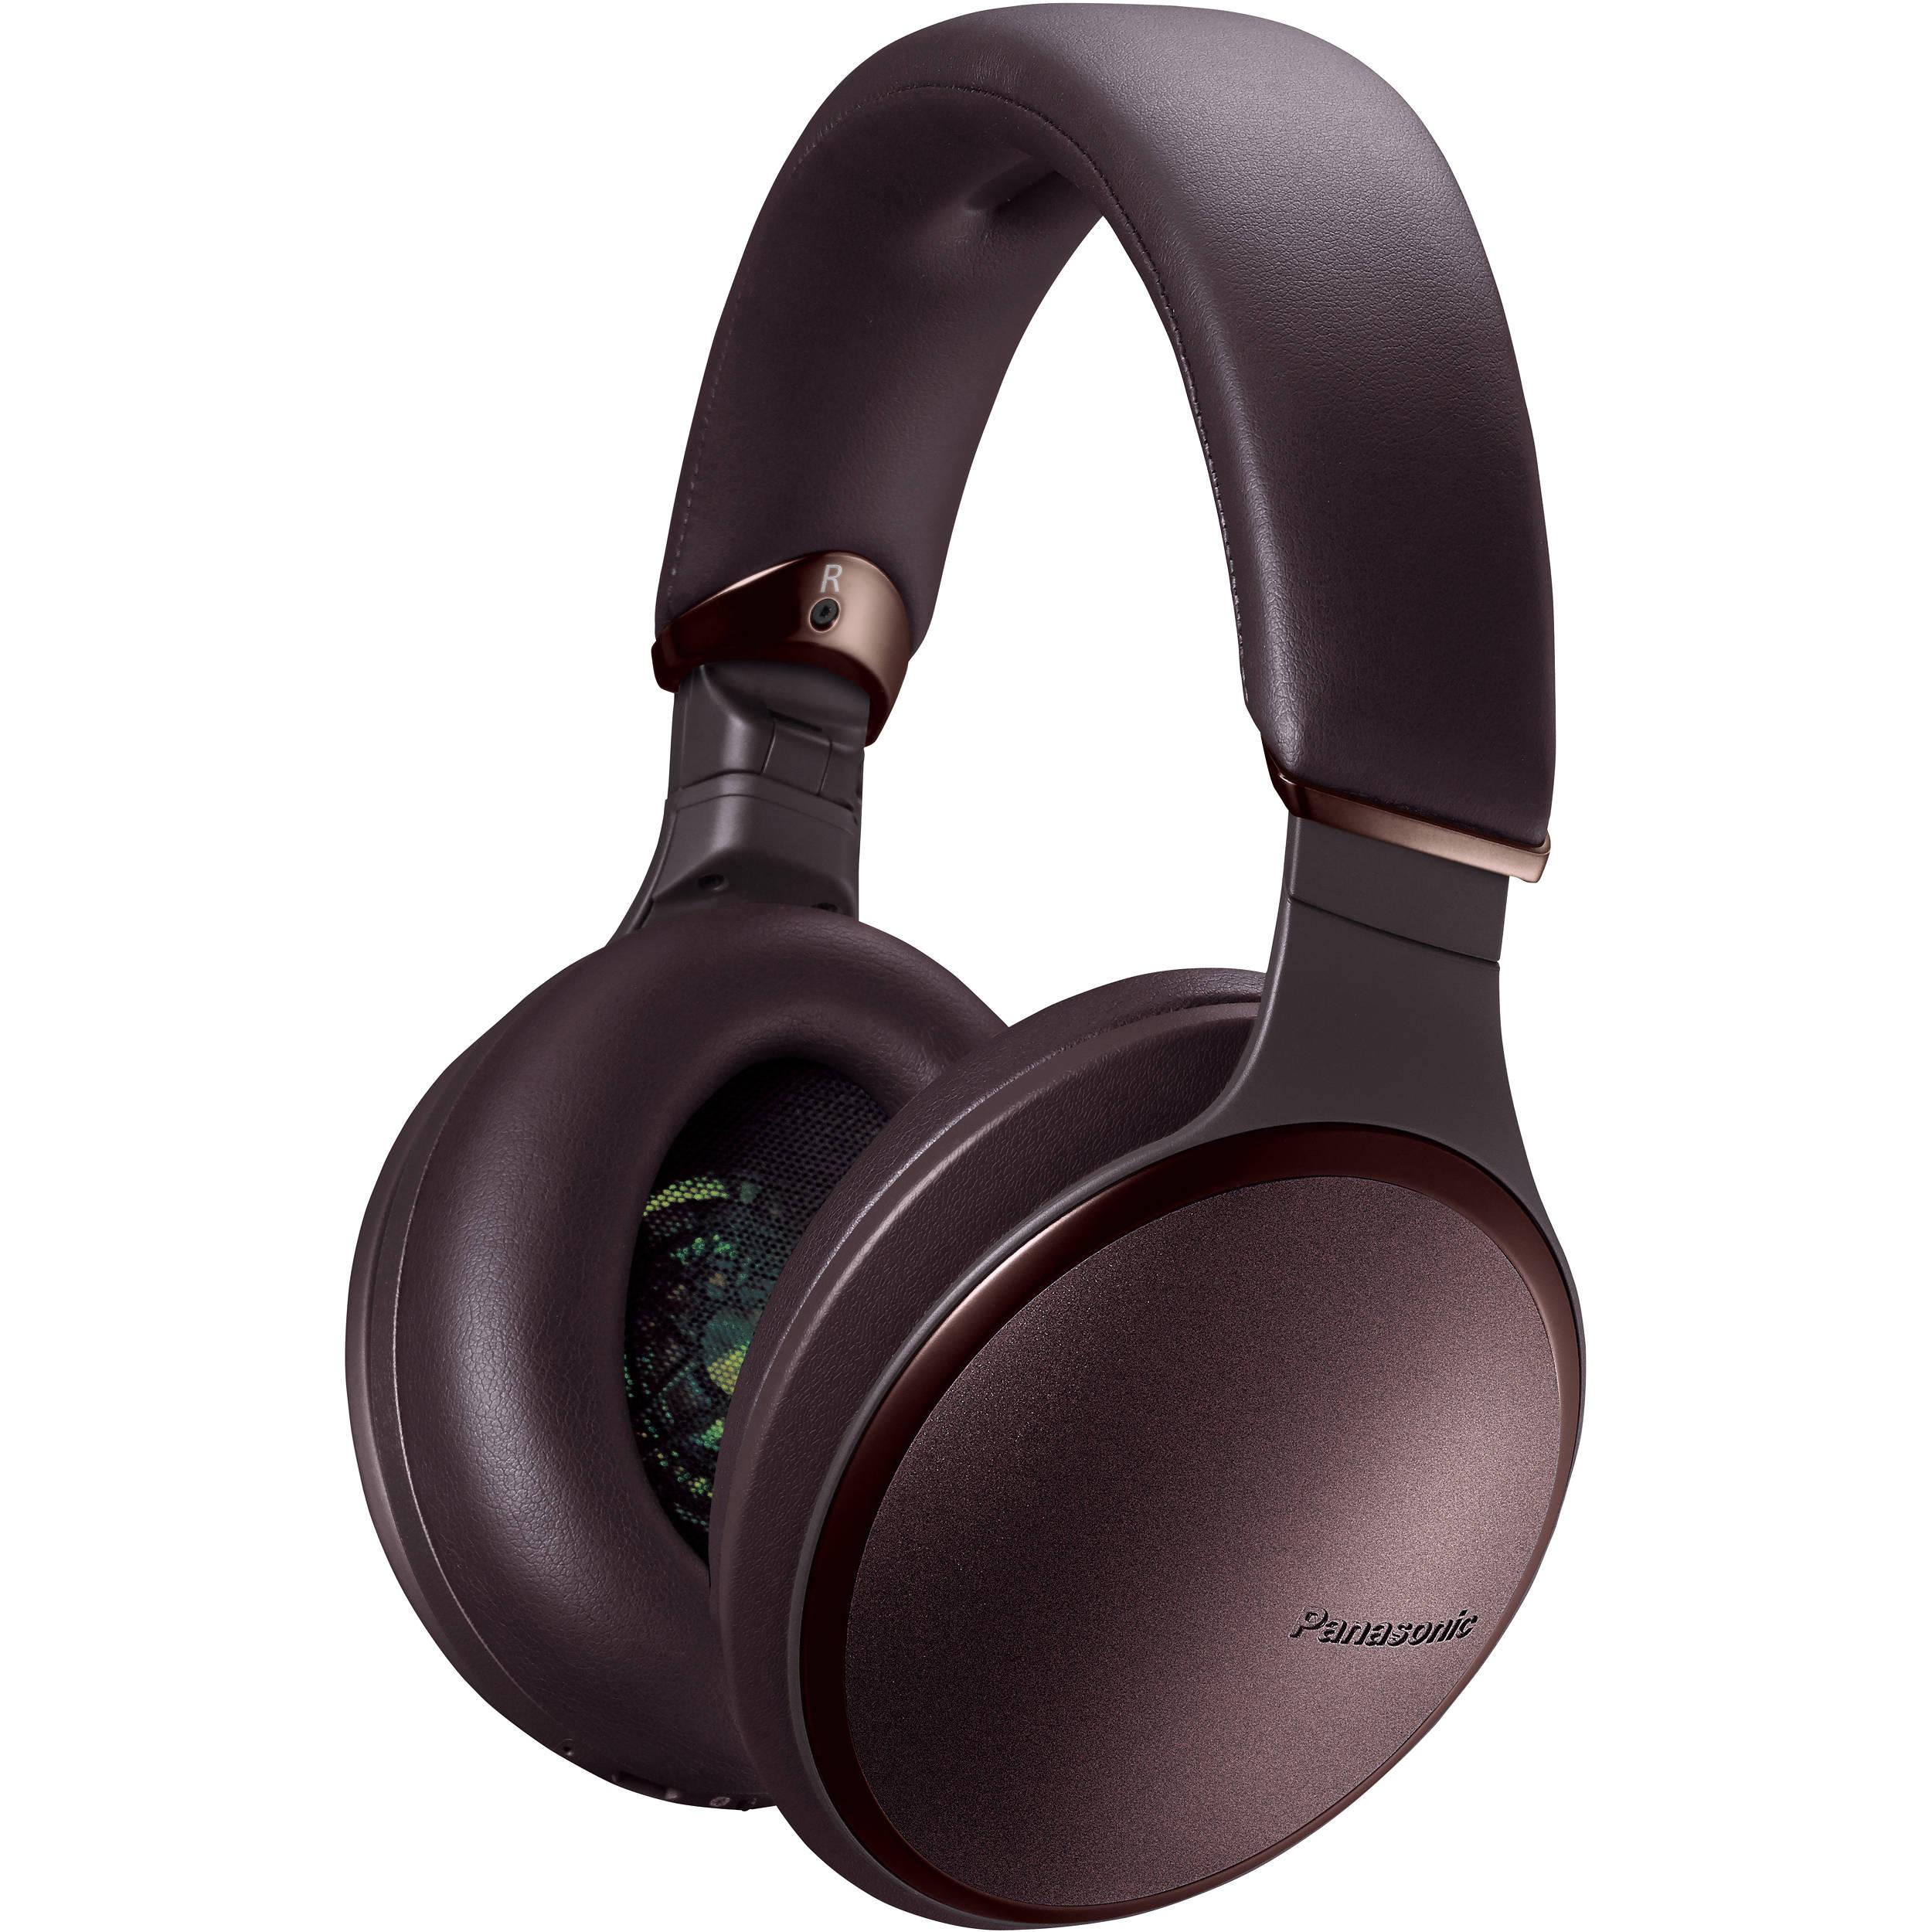 a5df0e979edef7 Panasonic RP-HD605N-T Premium Hi-Res Wireless RP-HD605N-T B&H